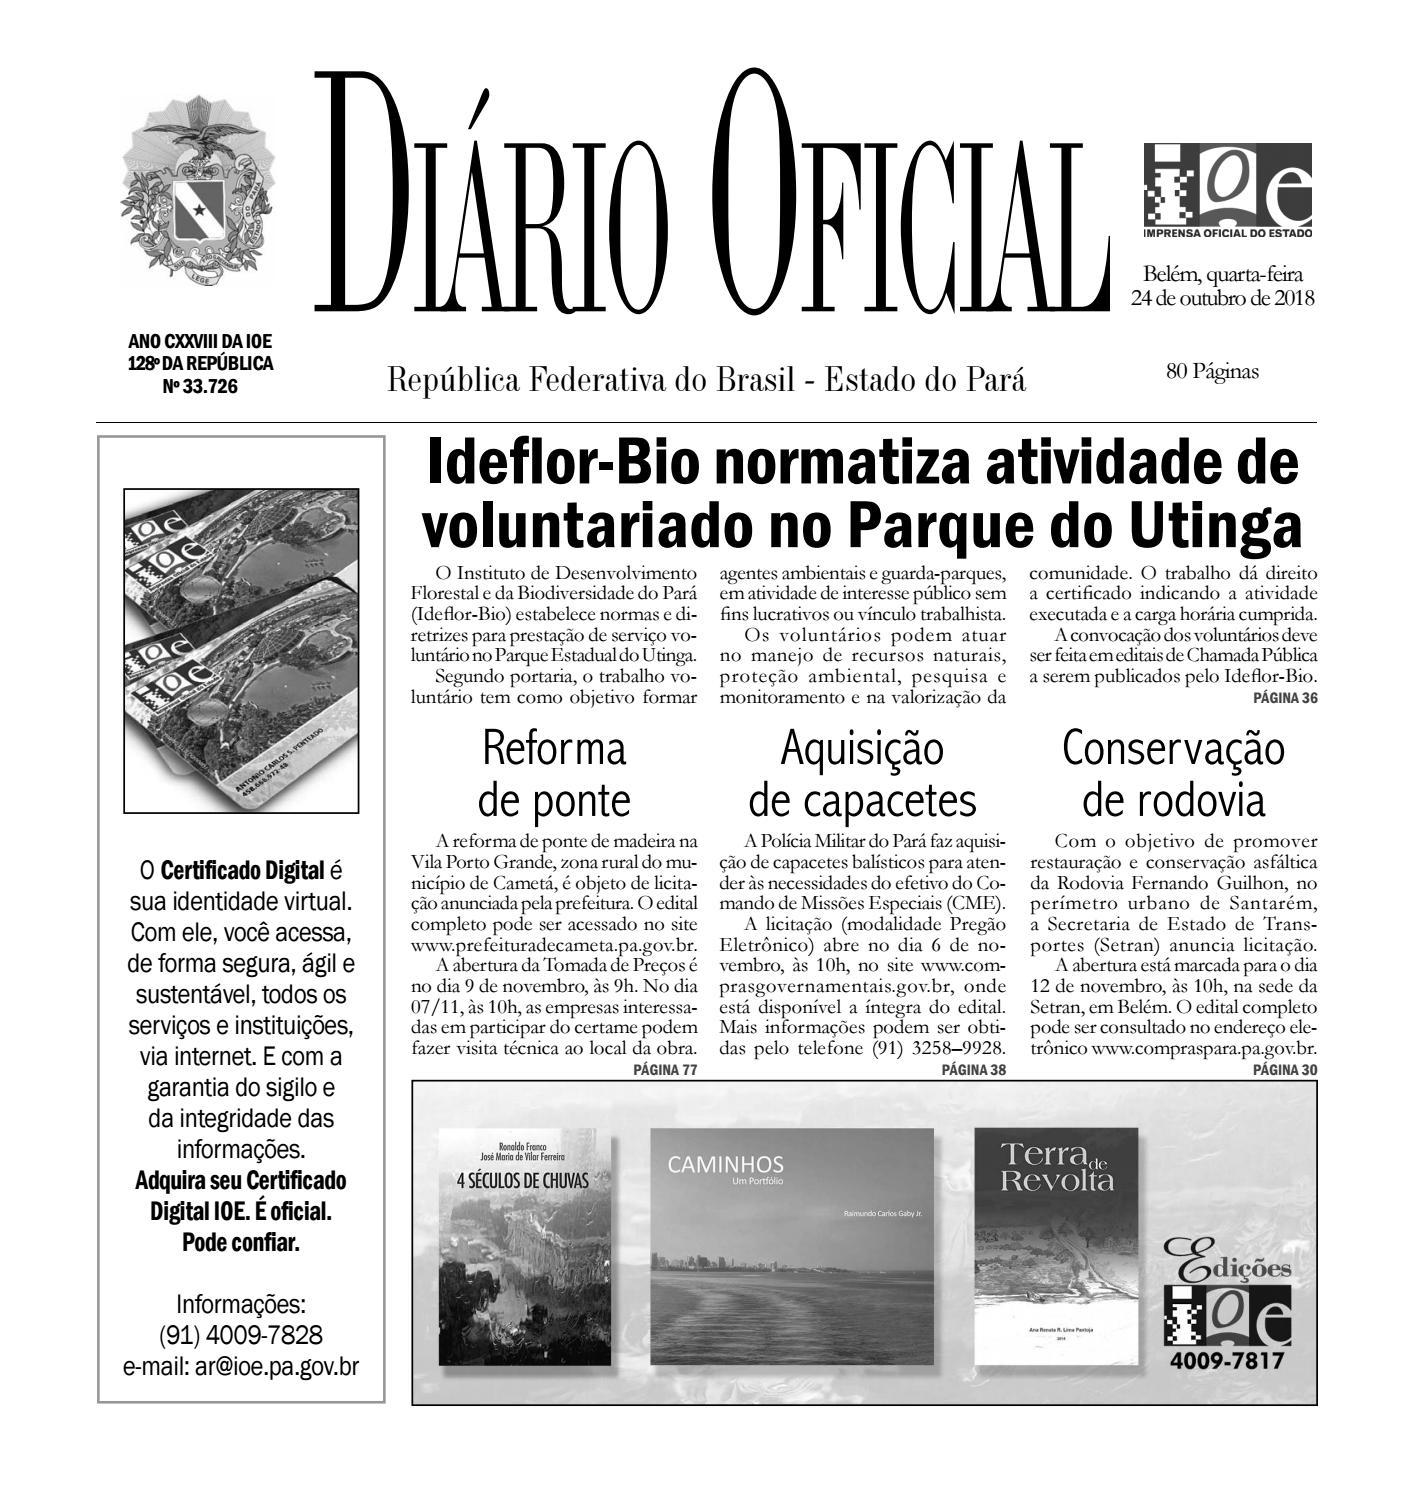 41e35f64e4ceb Diário Oficial do Estado do Pará by Dayse Arruda - issuu